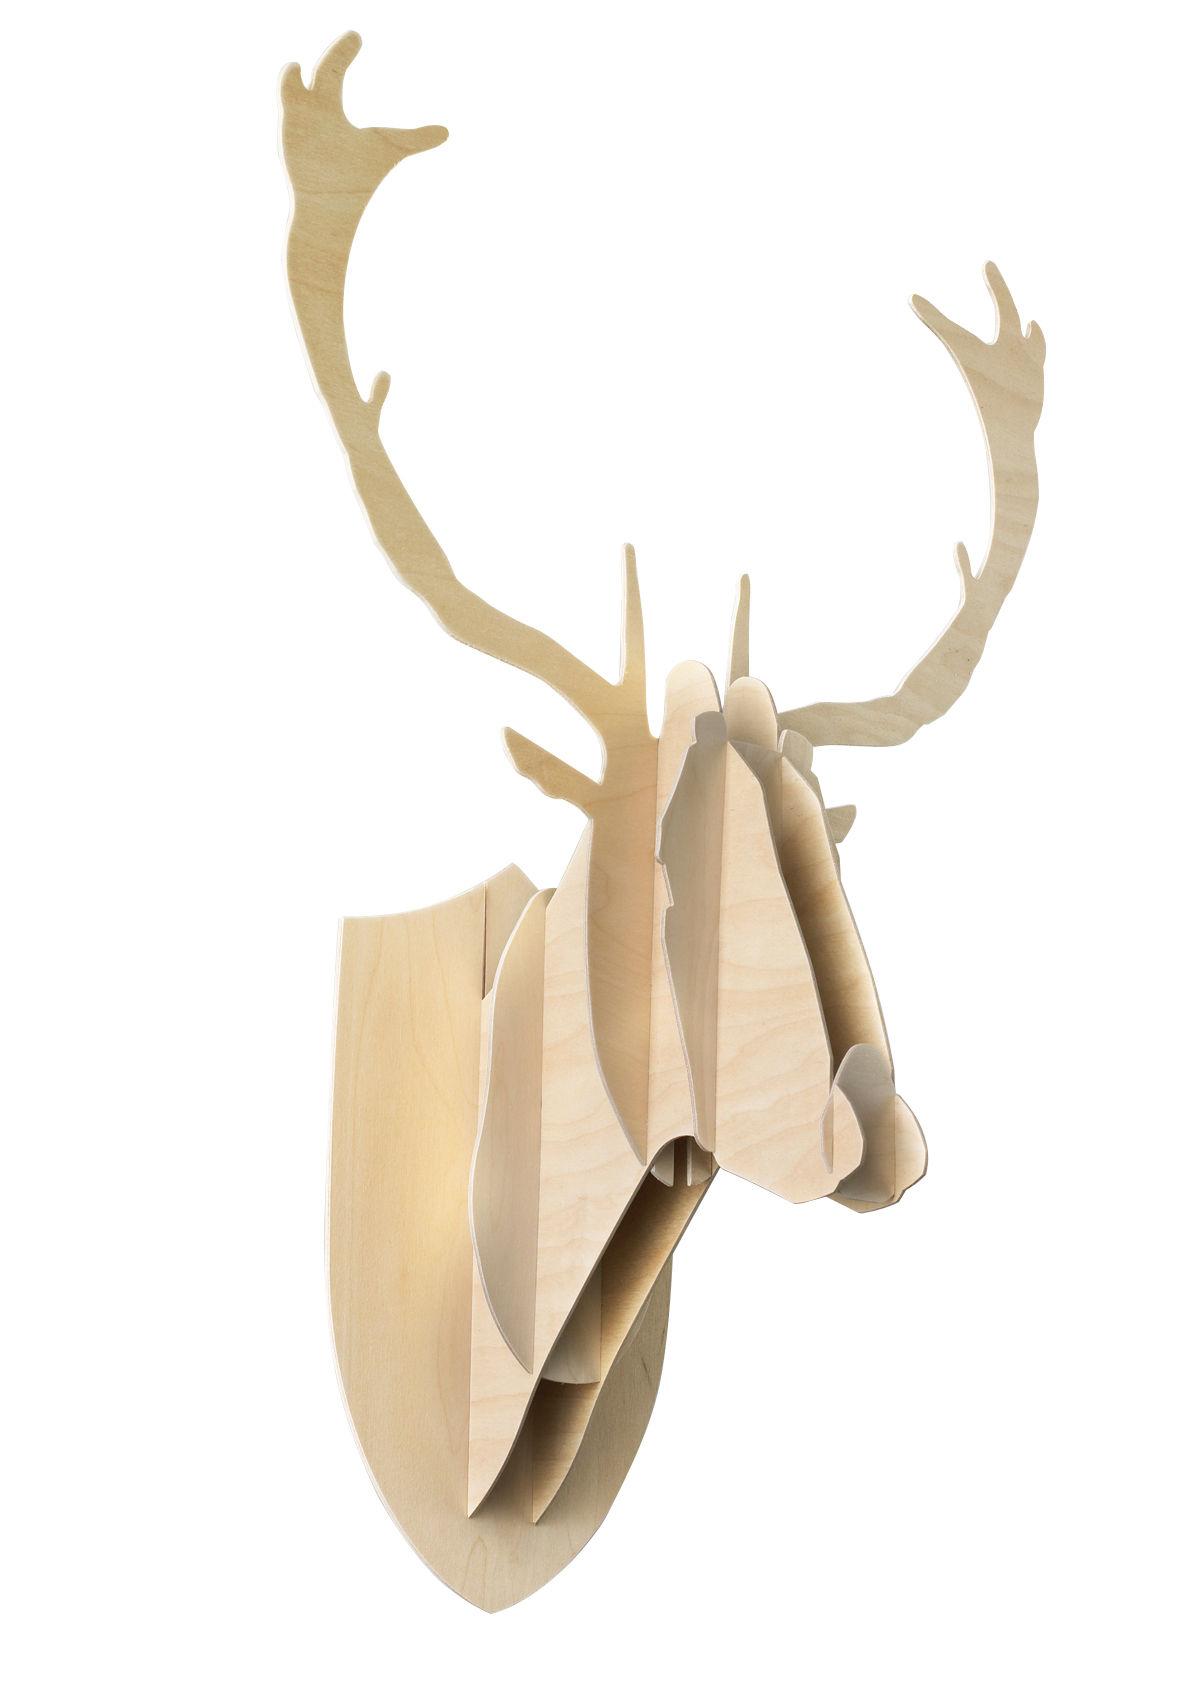 Déco - Tendance humour & décalage - Trophée Cerf - H 70 cm - Moustache - H 70 cm - Bois naturel - Contreplaqué de bouleau